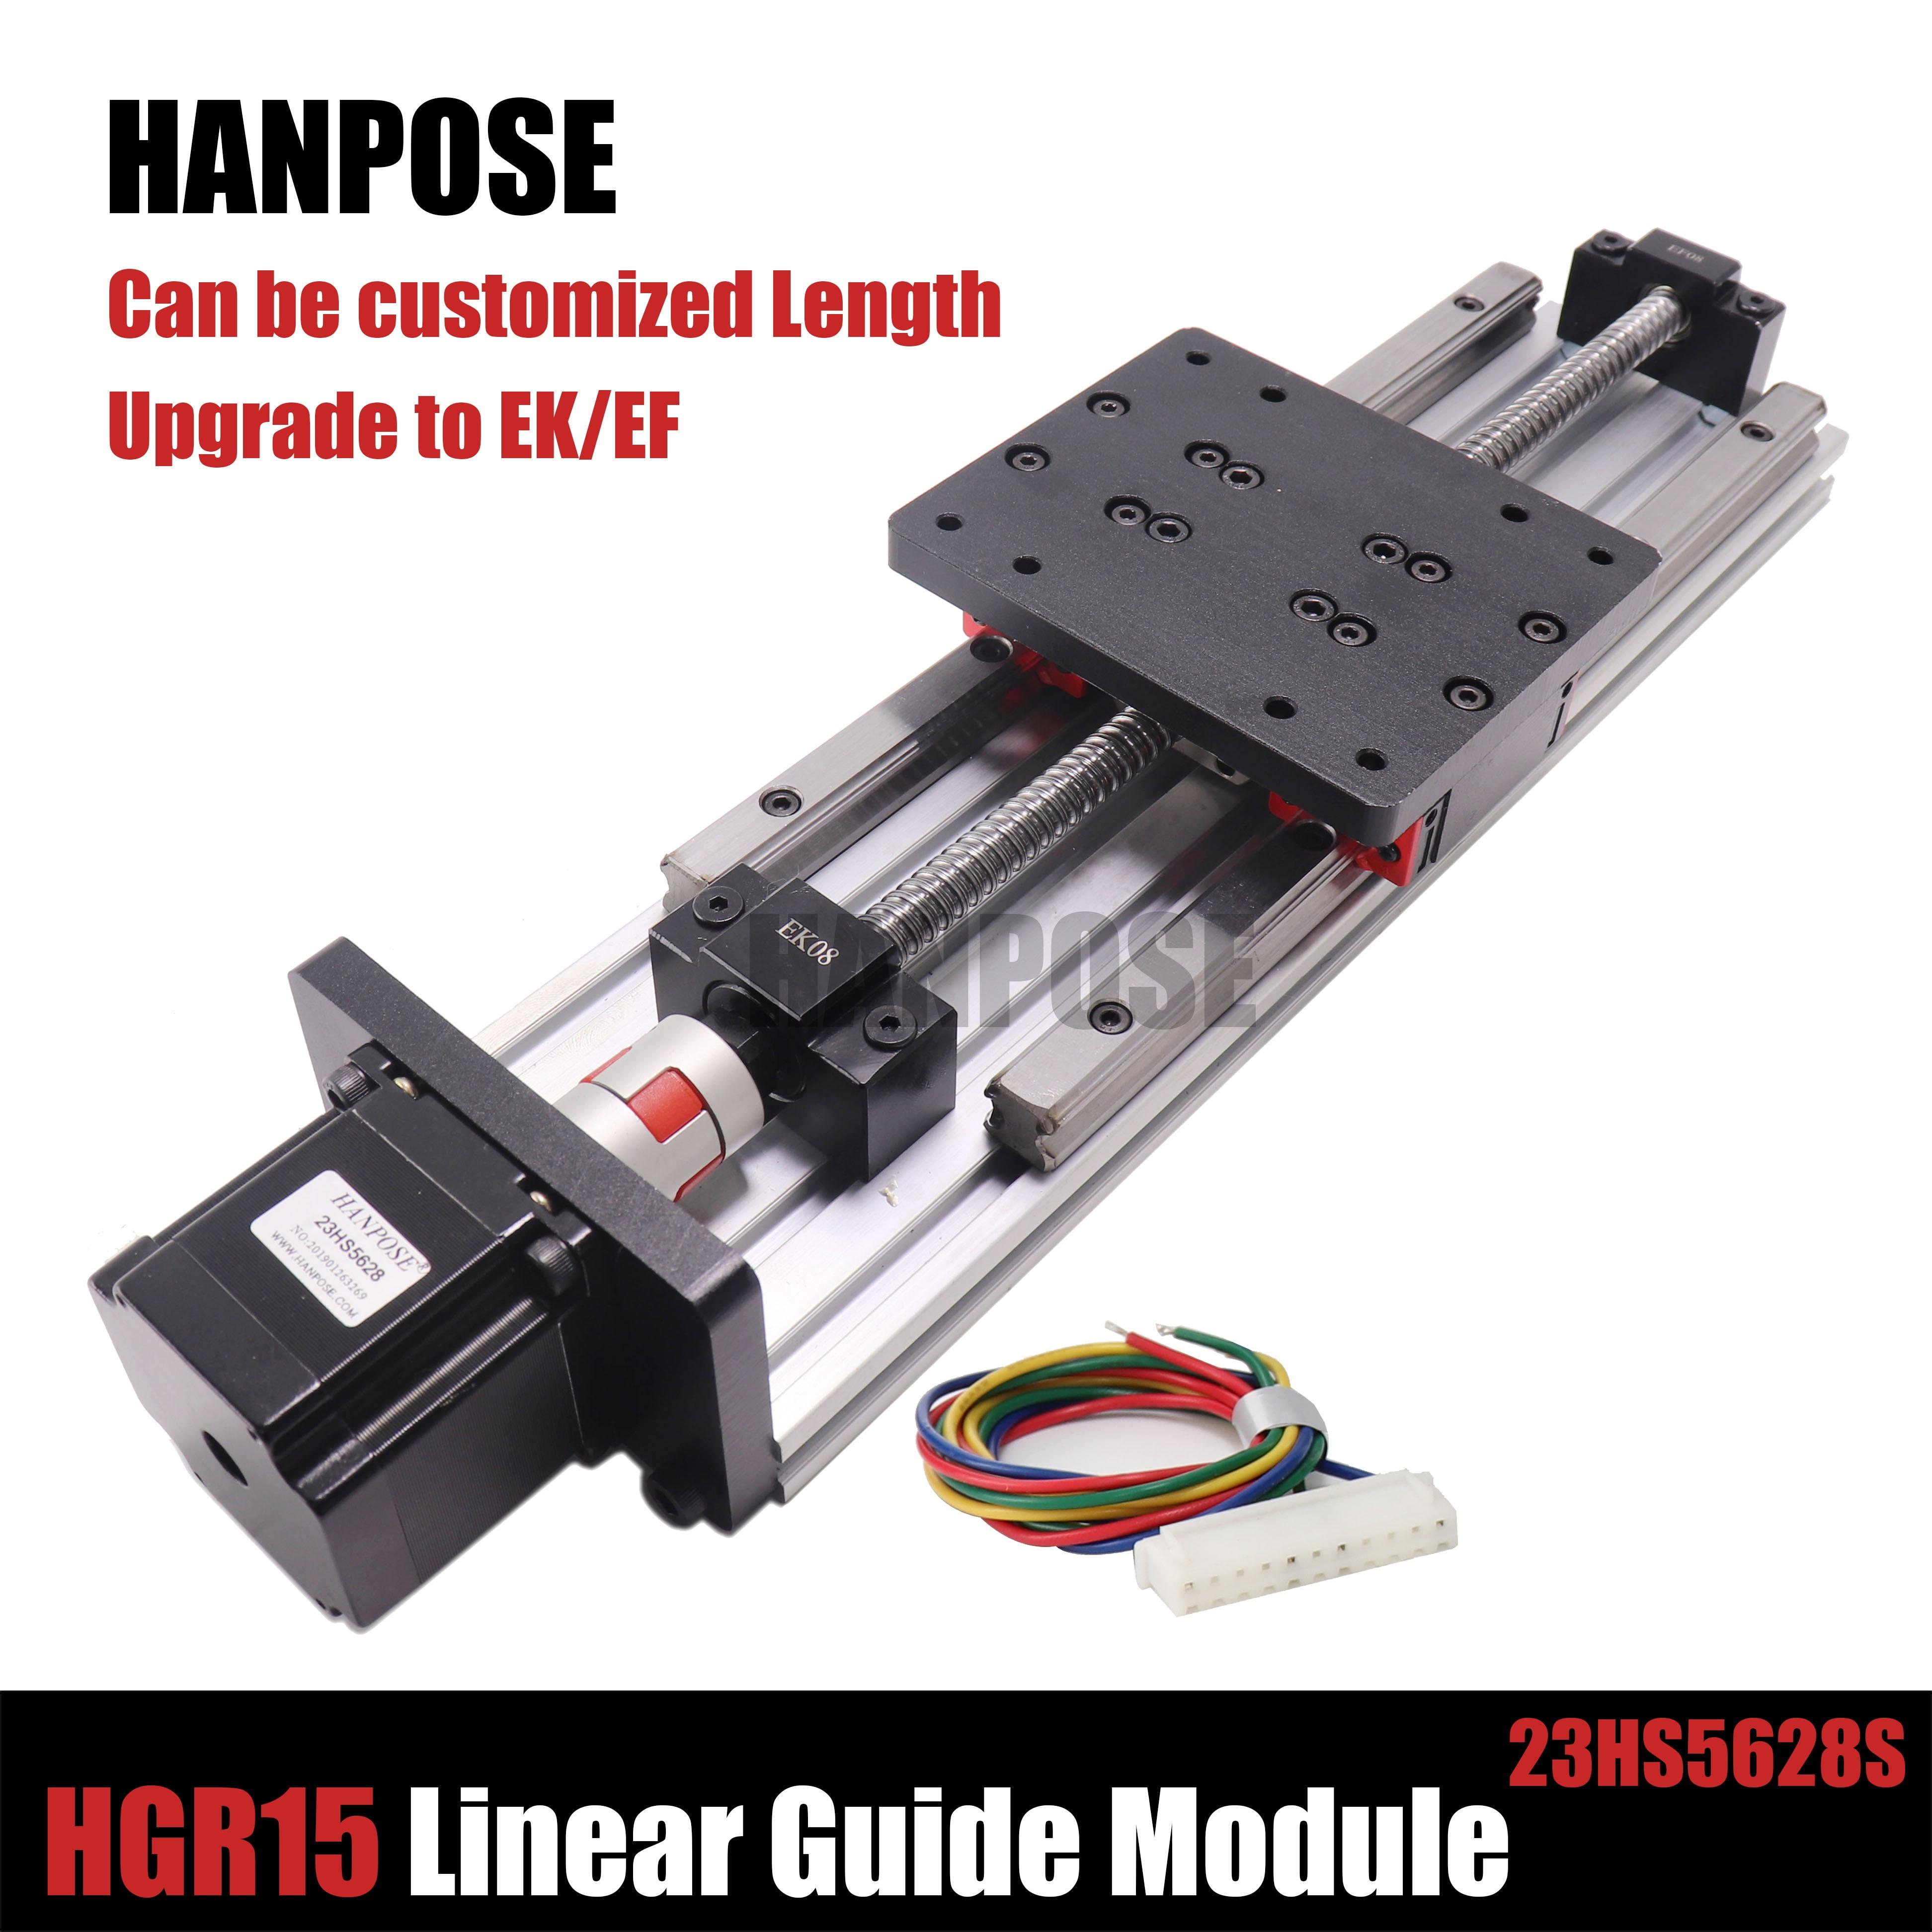 HPV6 module linéaire vis à billes sfu1204 avec Guides linéaires HGR15 HIWIN 100% même taille avec NEMA23 2.8A 56mm moteur pas à pas